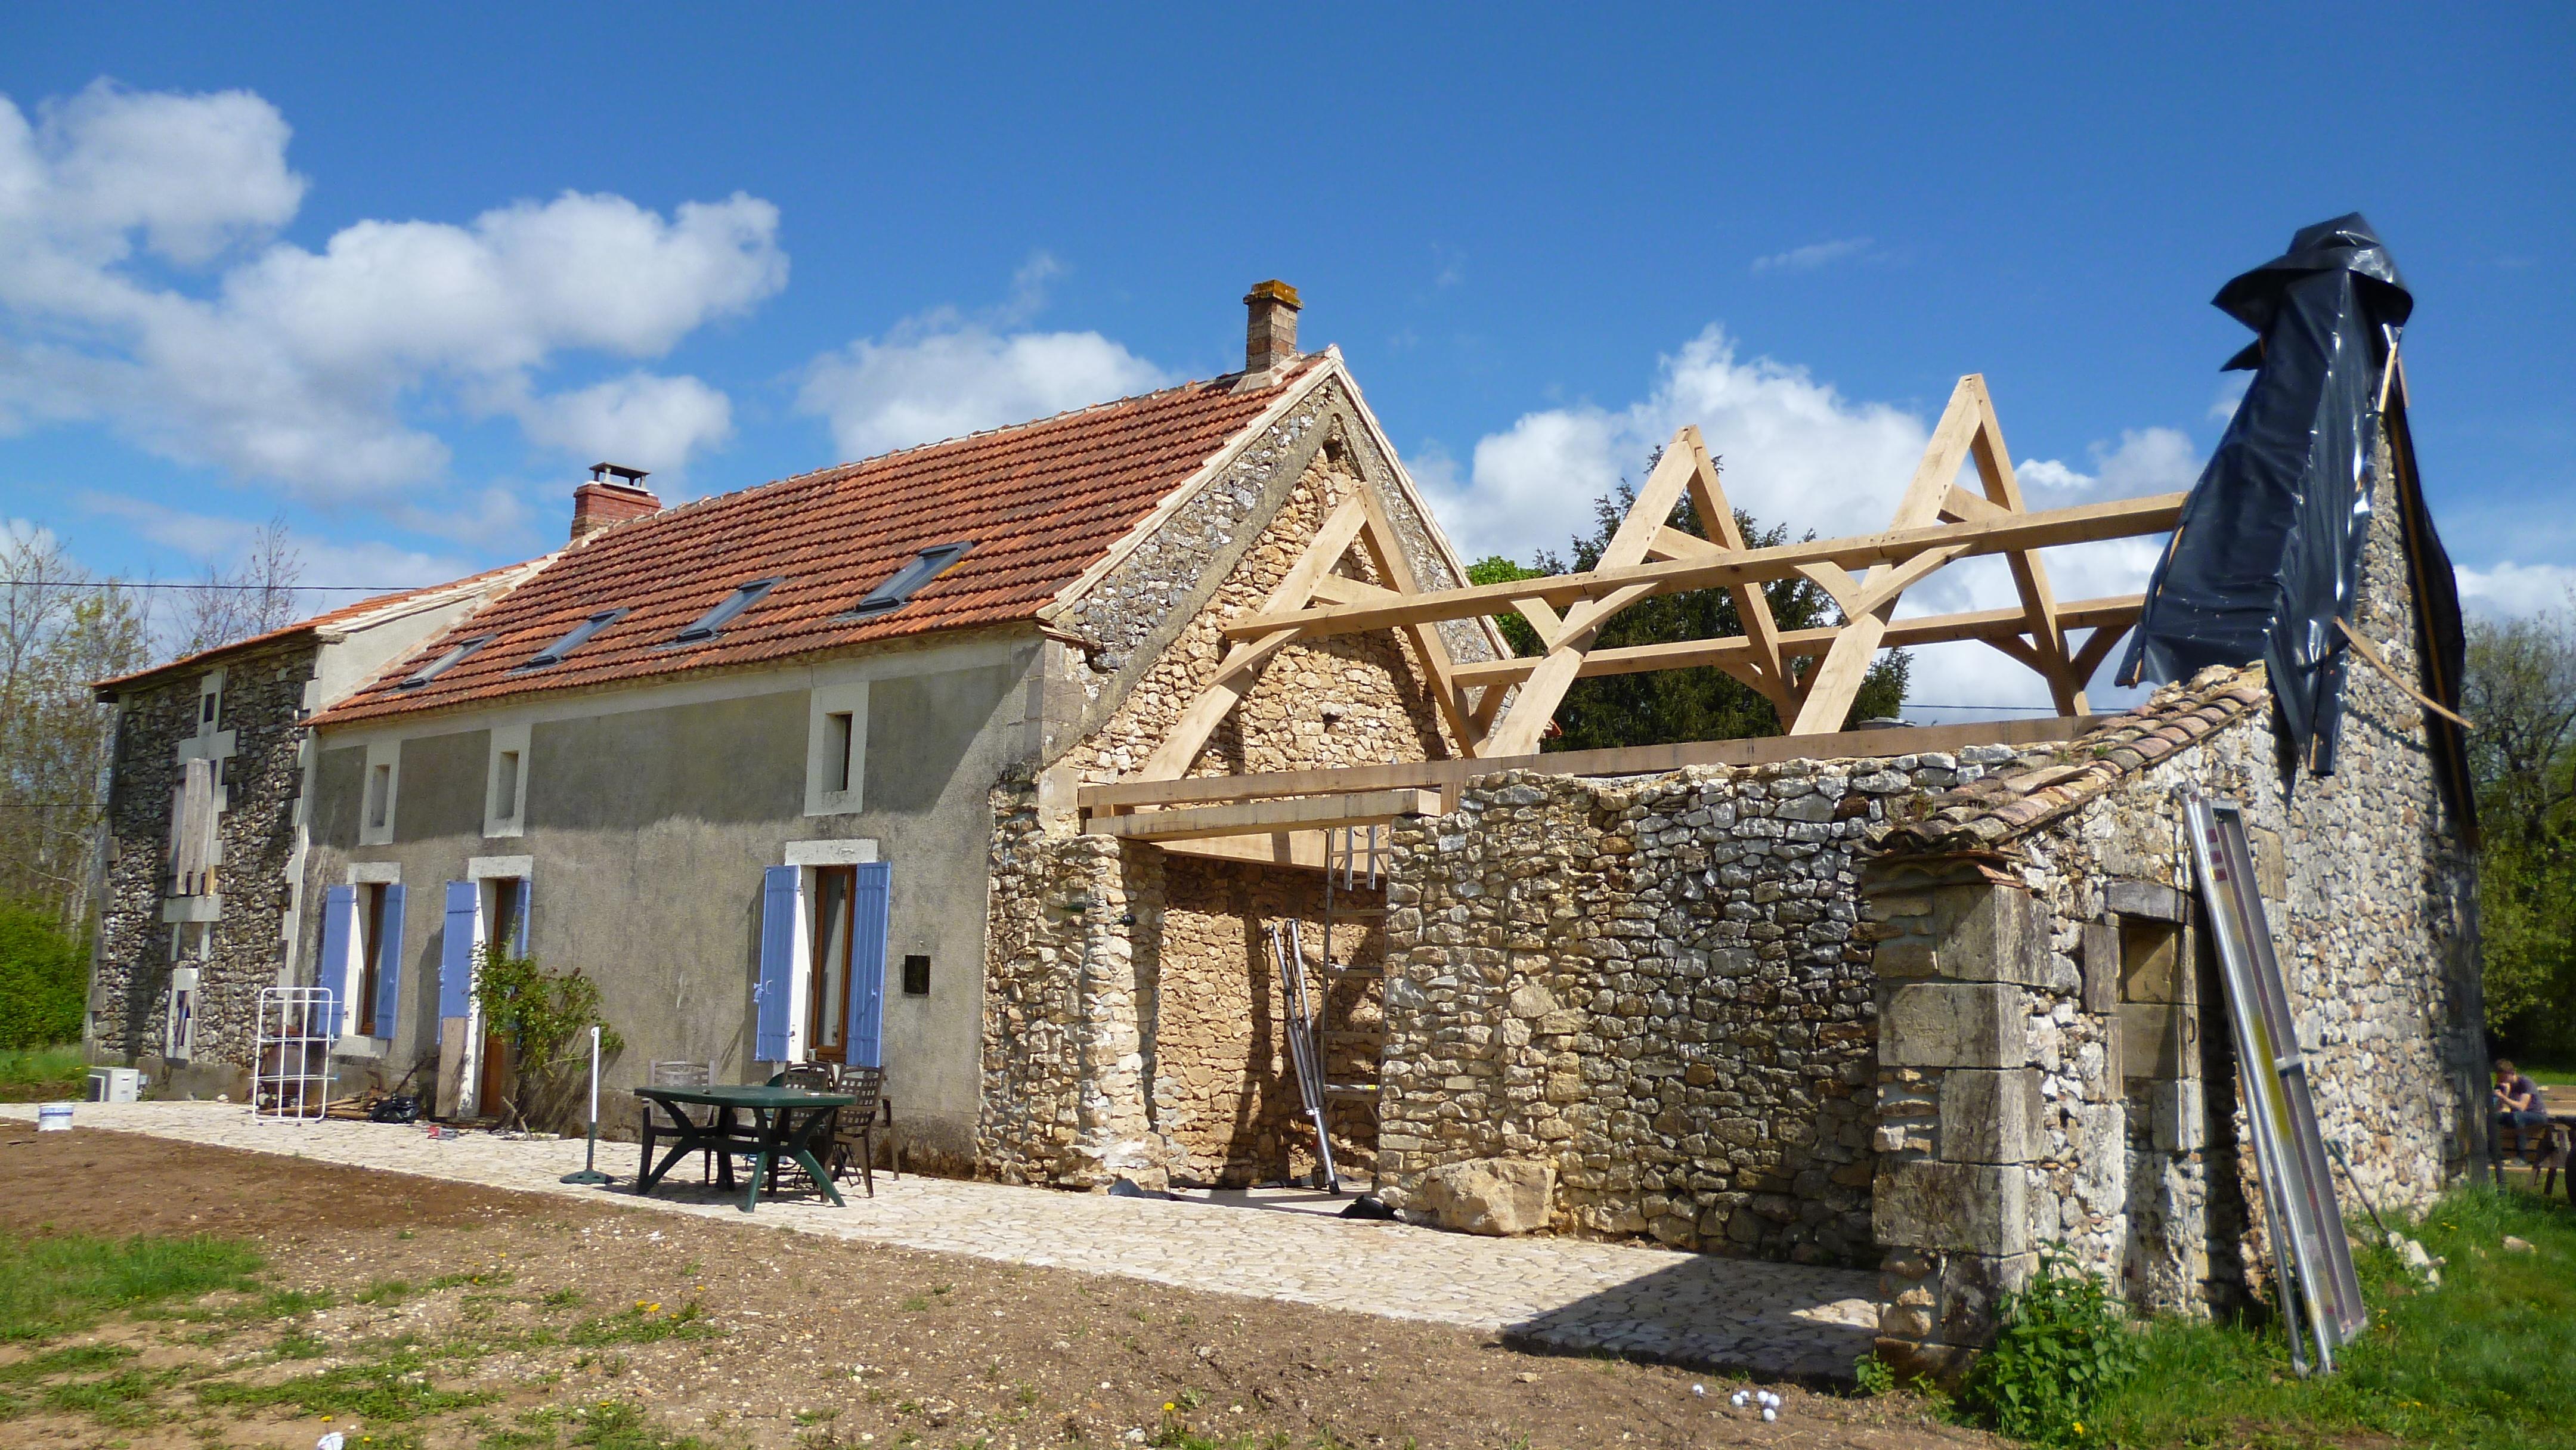 Am nagements de granges oak timber framing carpentry in france - Amenagement de grange ...